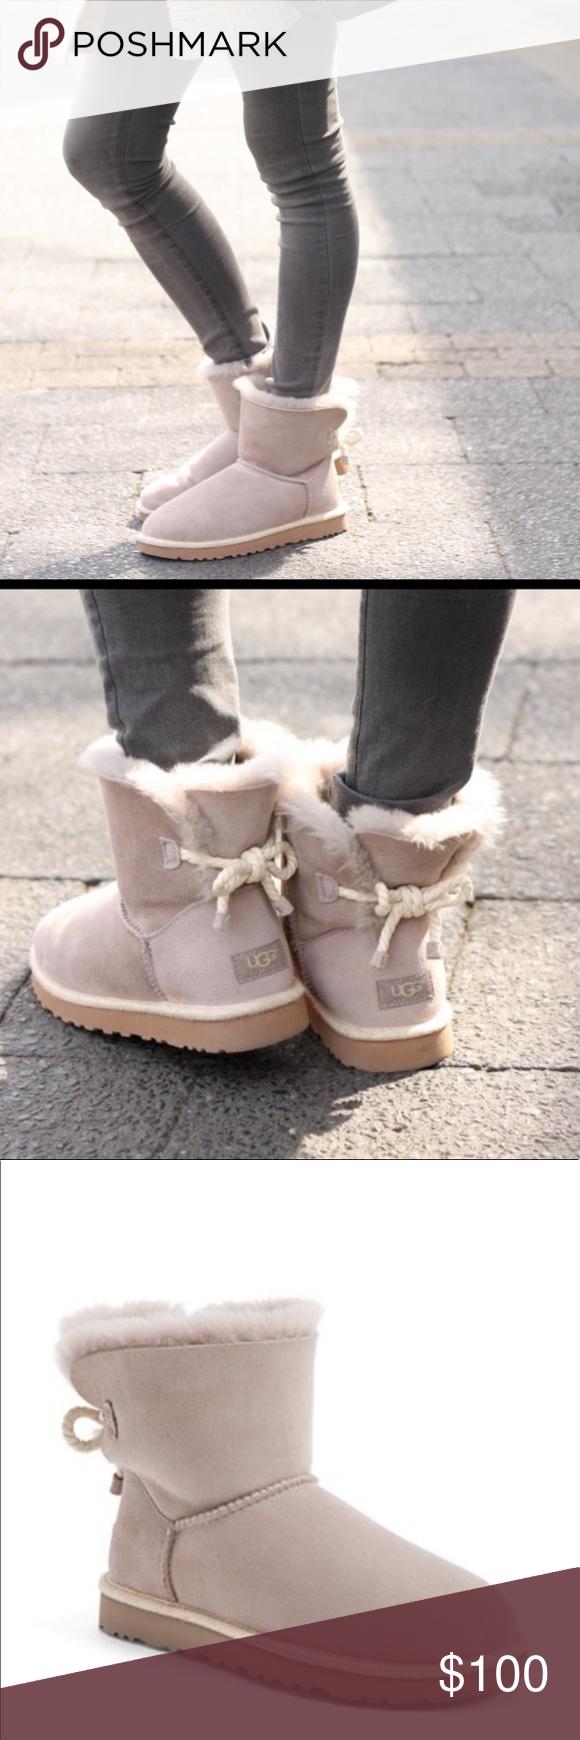 c79123e5780 NEW • Ugg • Selene Winter Ankle Boots Oyster 8 - Ugg - Women's ...